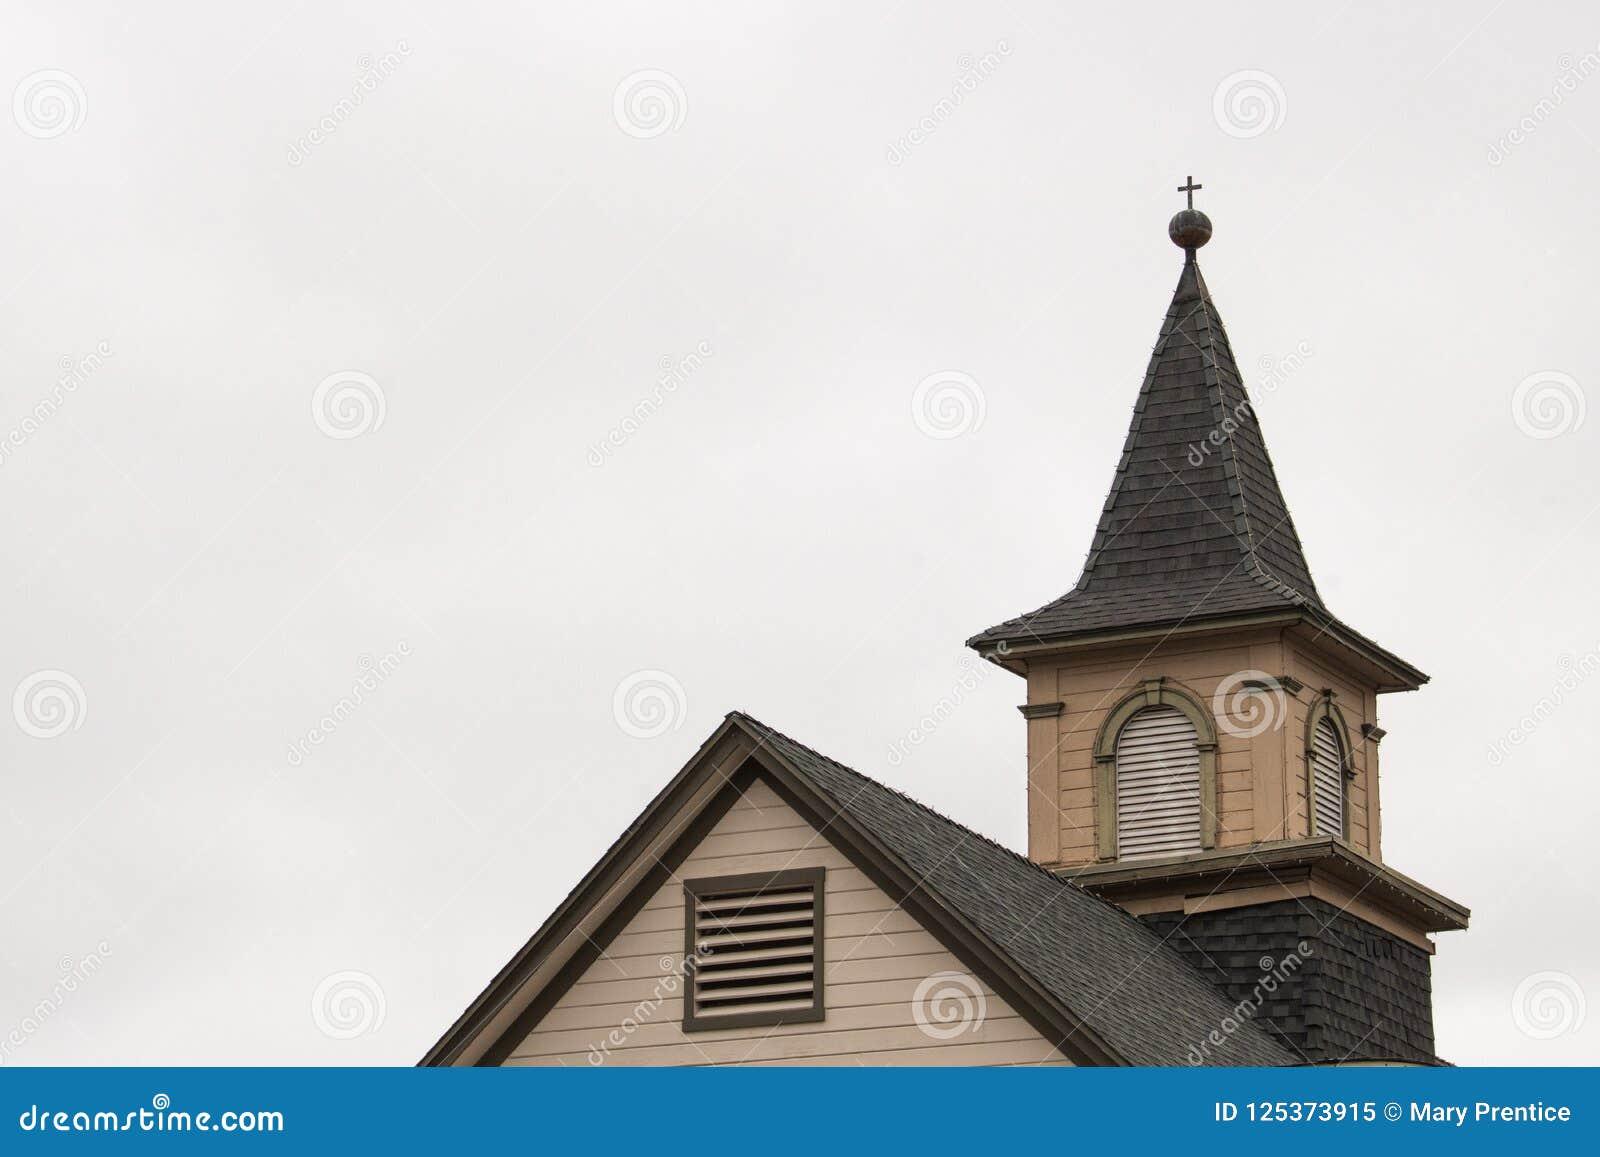 Uitstekende kerkarchitectuur, oude landelijke kerk, midden van de eeuw